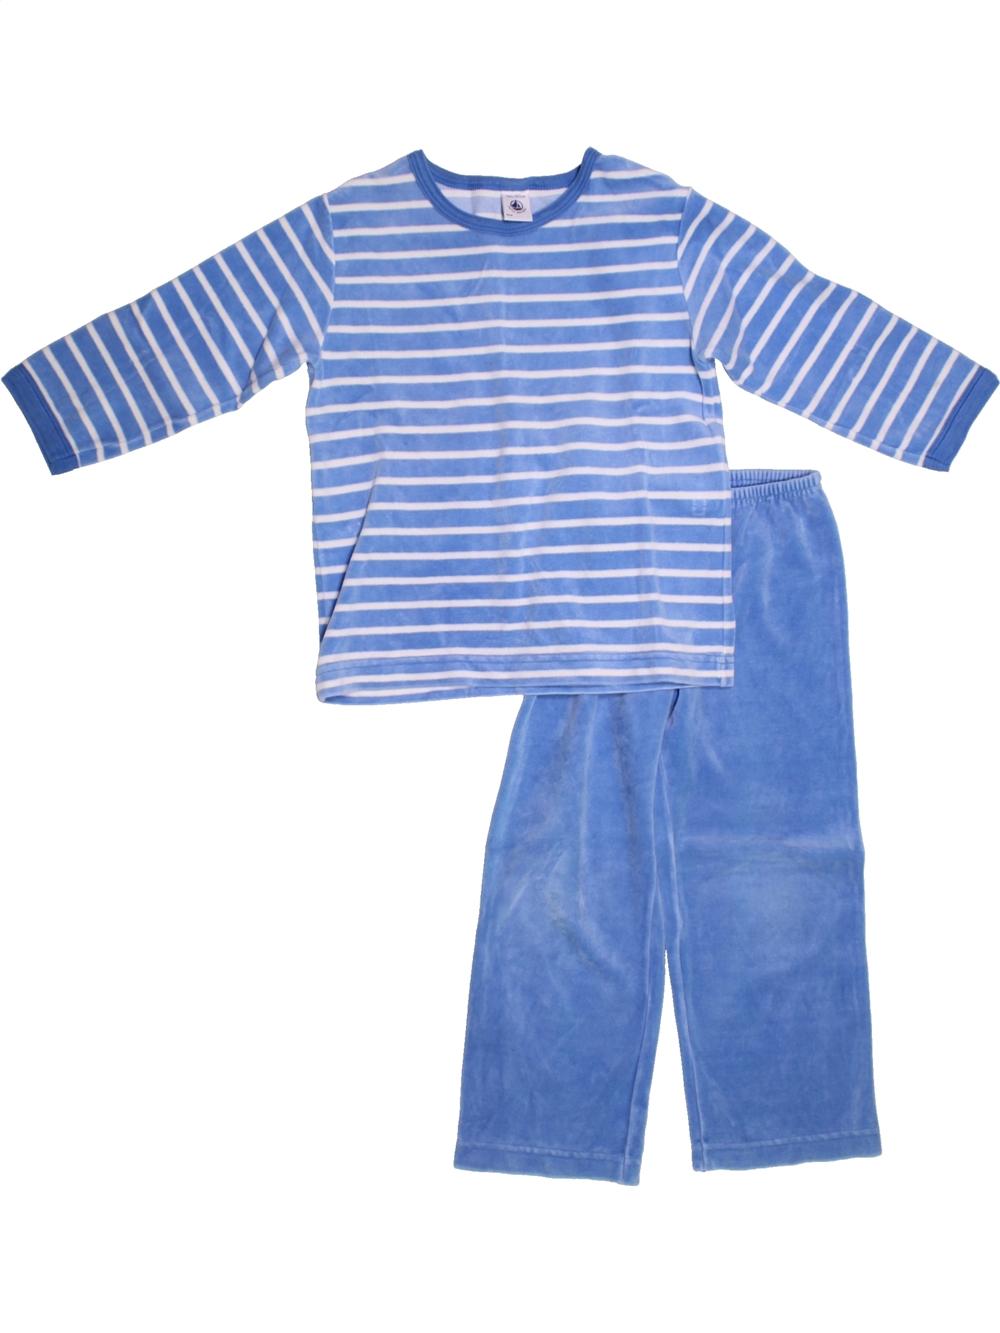 ce286f10ddeac Pyjama 2 pieces bleu PETIT BATEAU du 4 ans pour Garcon - 1224848